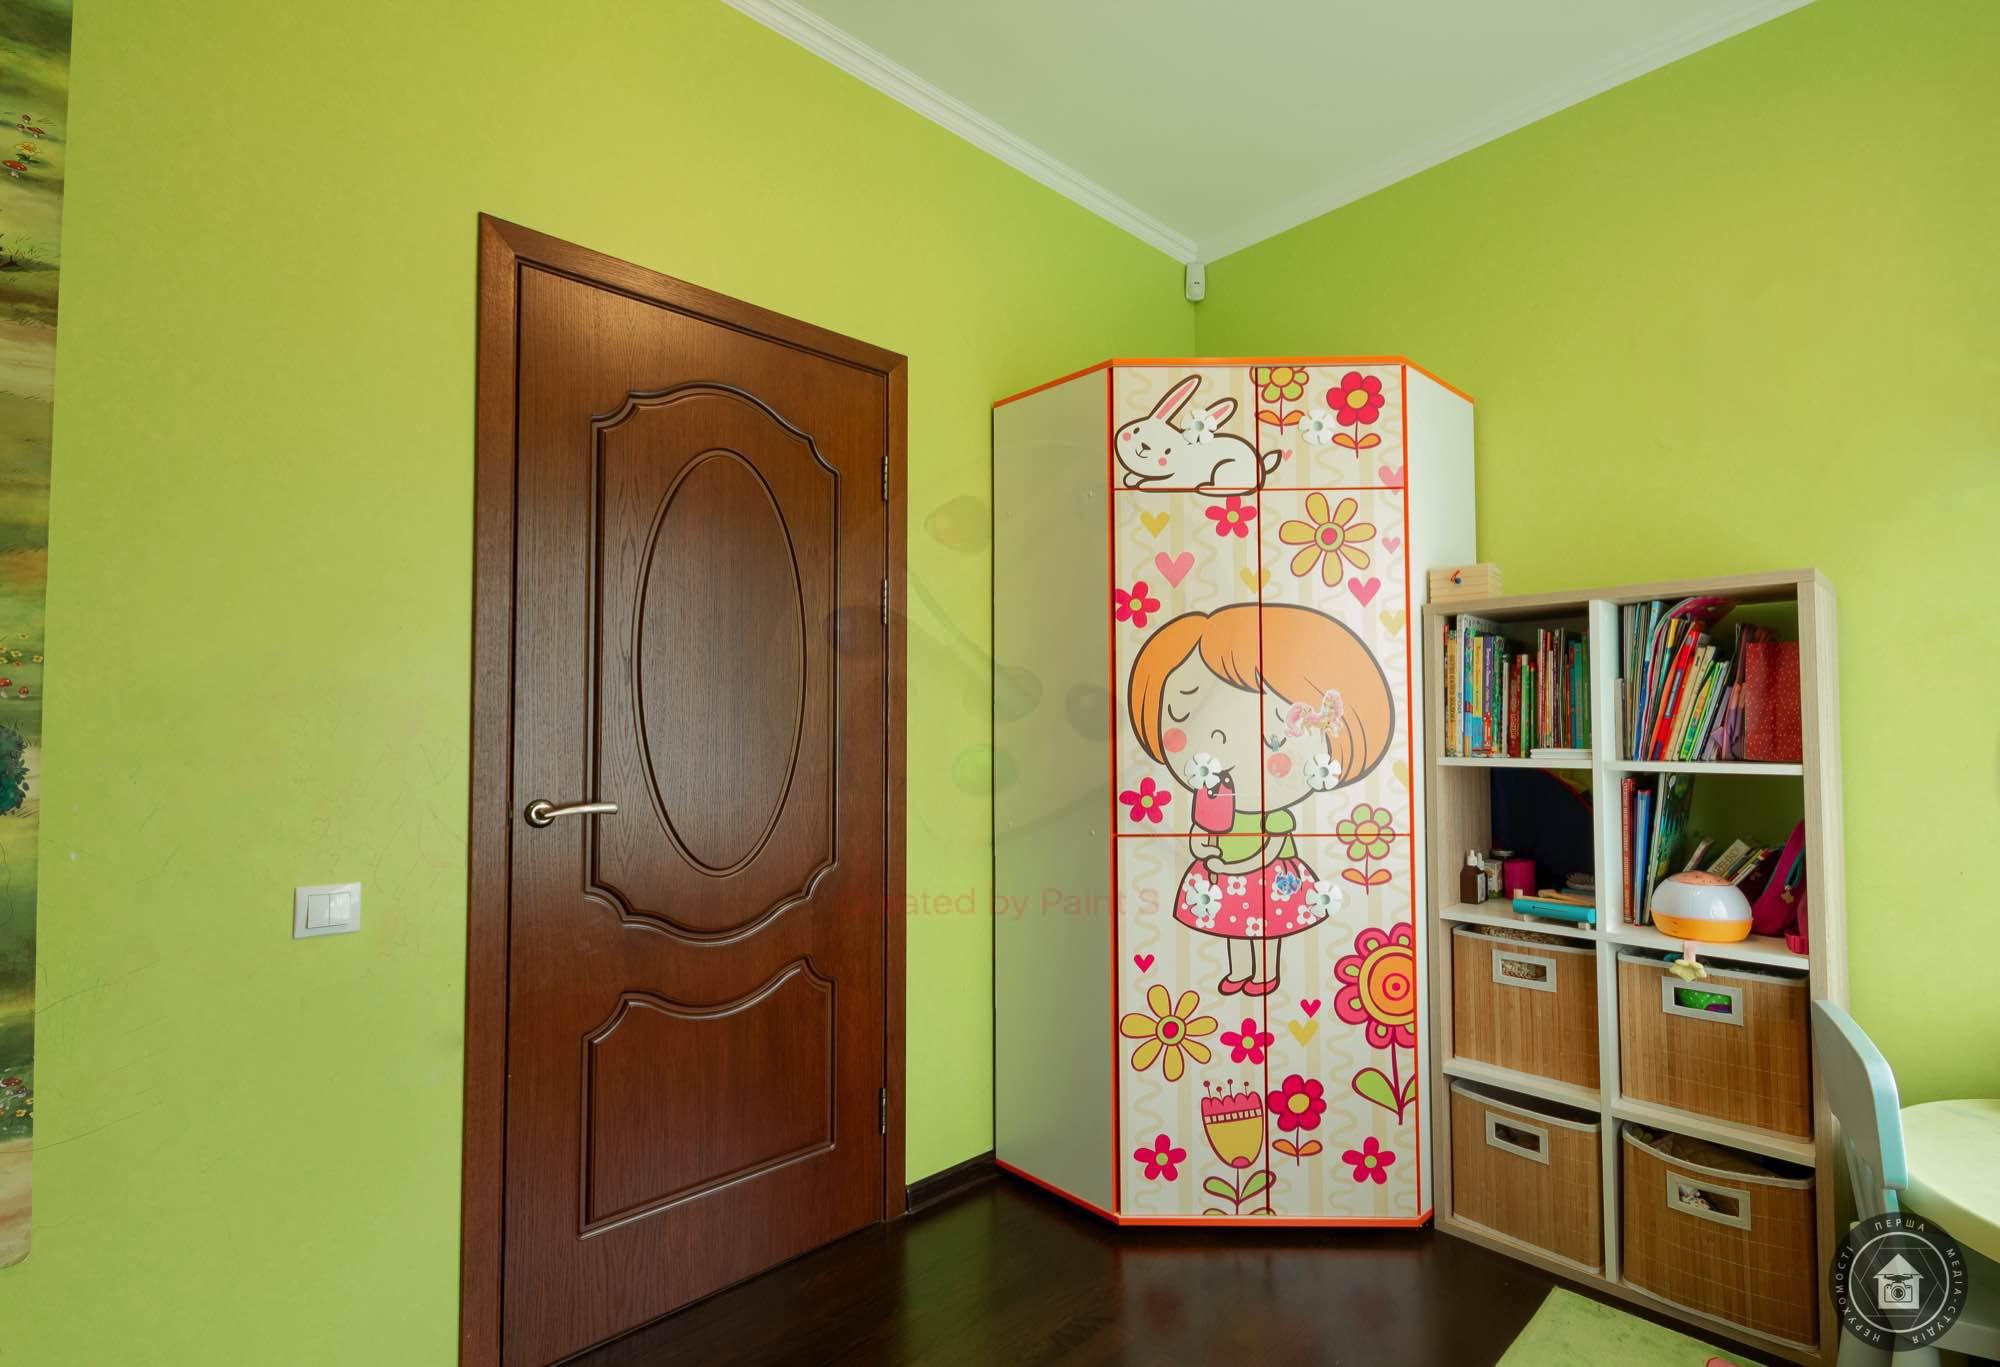 Продам дом - Софиевская Борщаговка